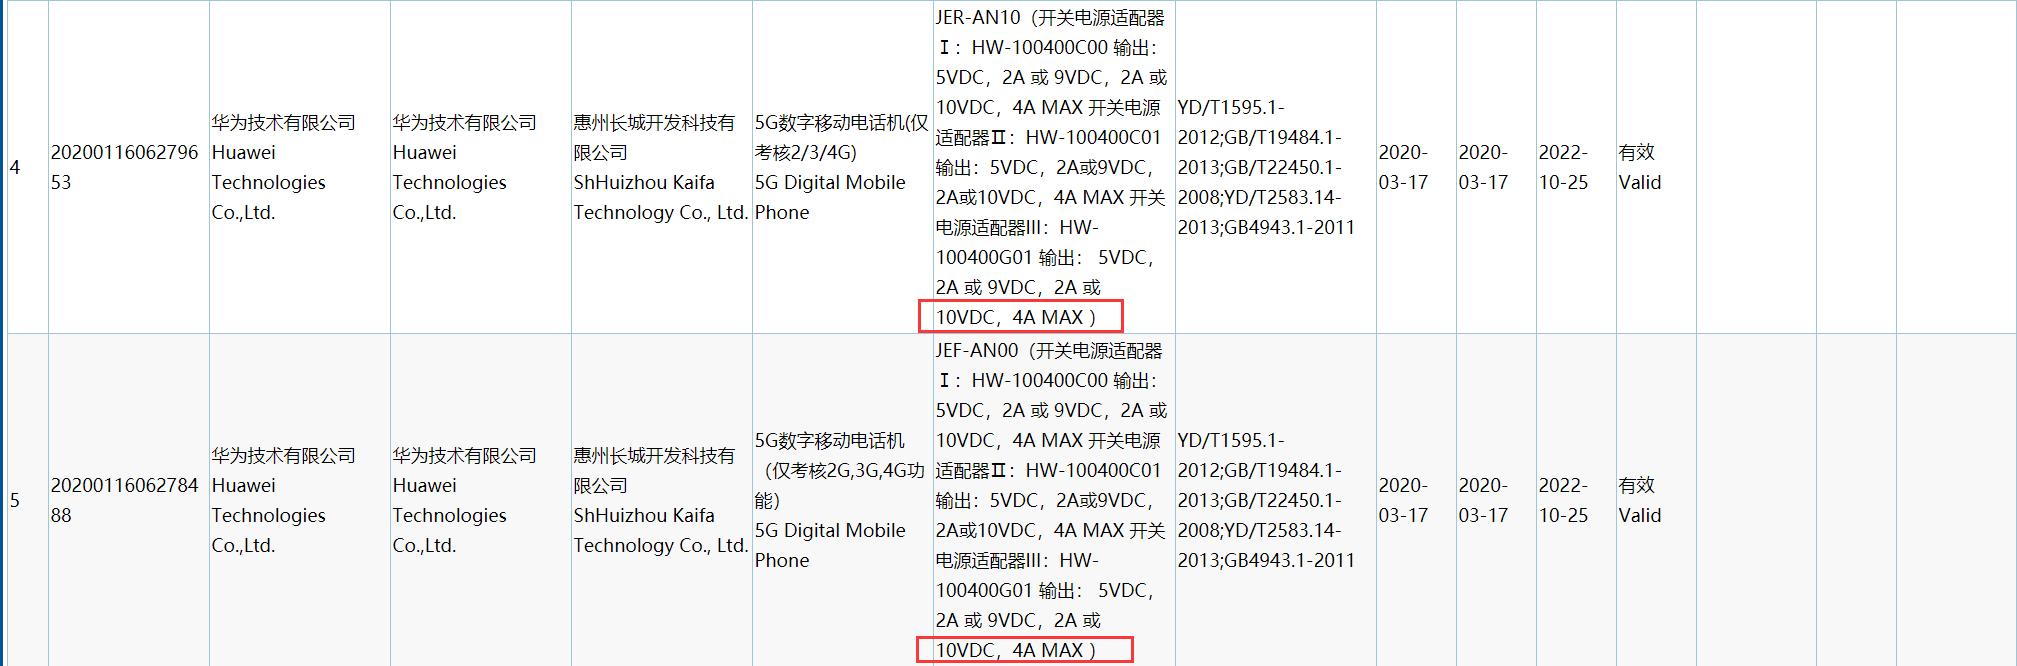 سری گوشیهای Nova 7 هوآوی مجوز سازمان 3C را به دست آوردند